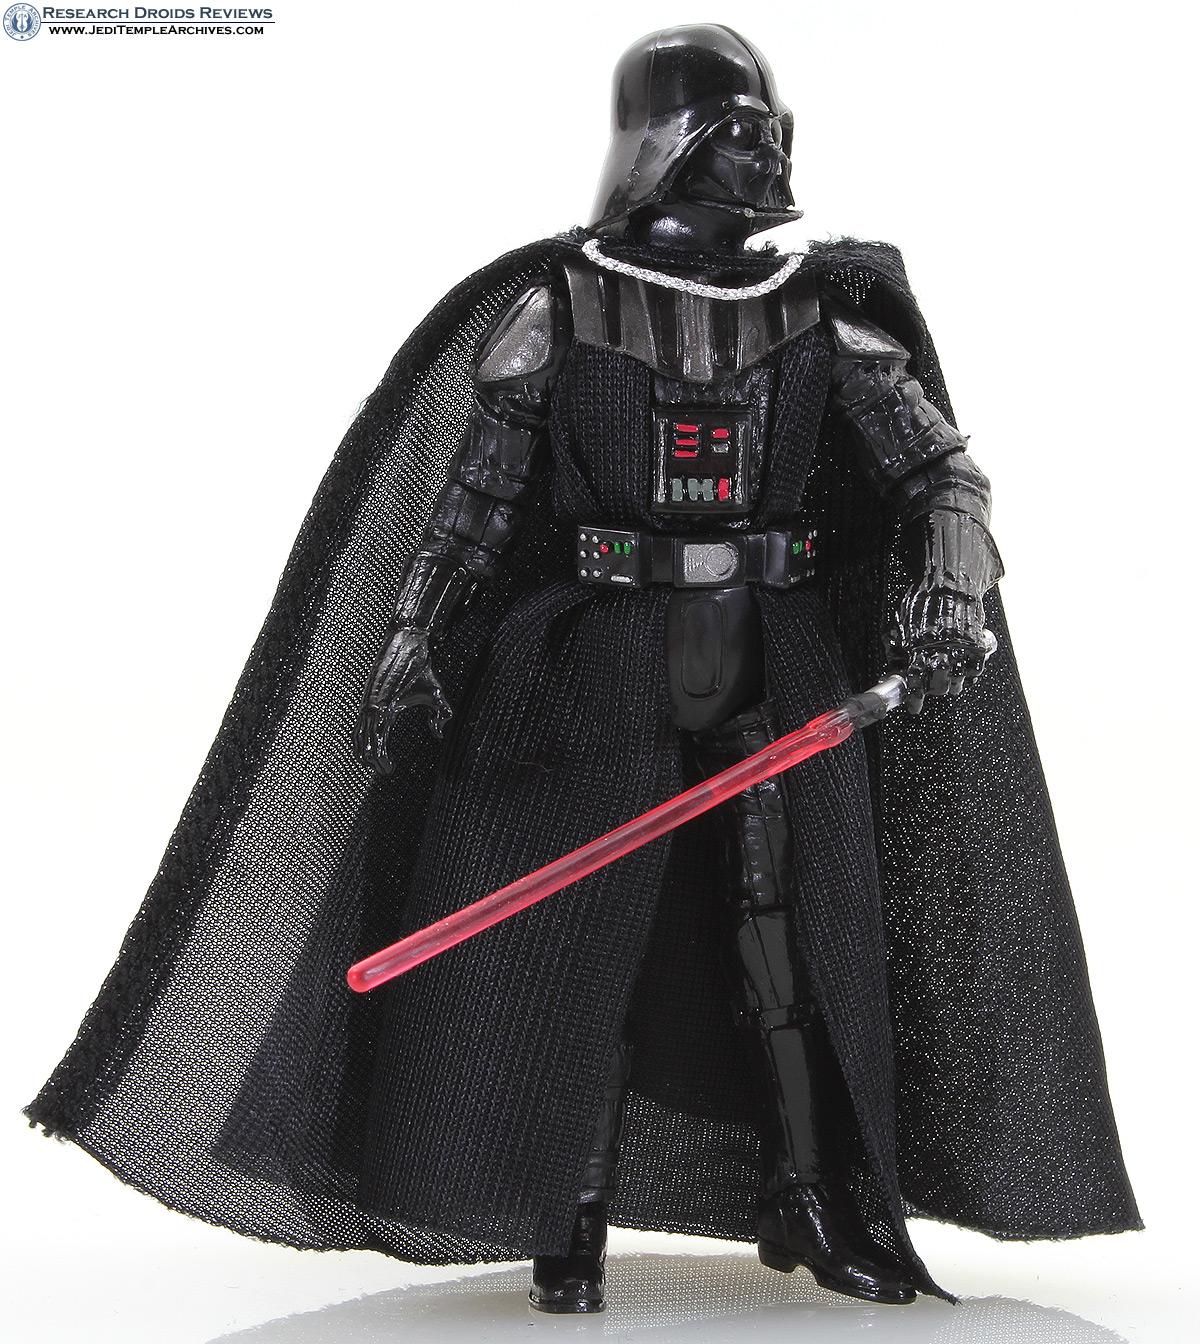 Darth Vader | Hoth Assault